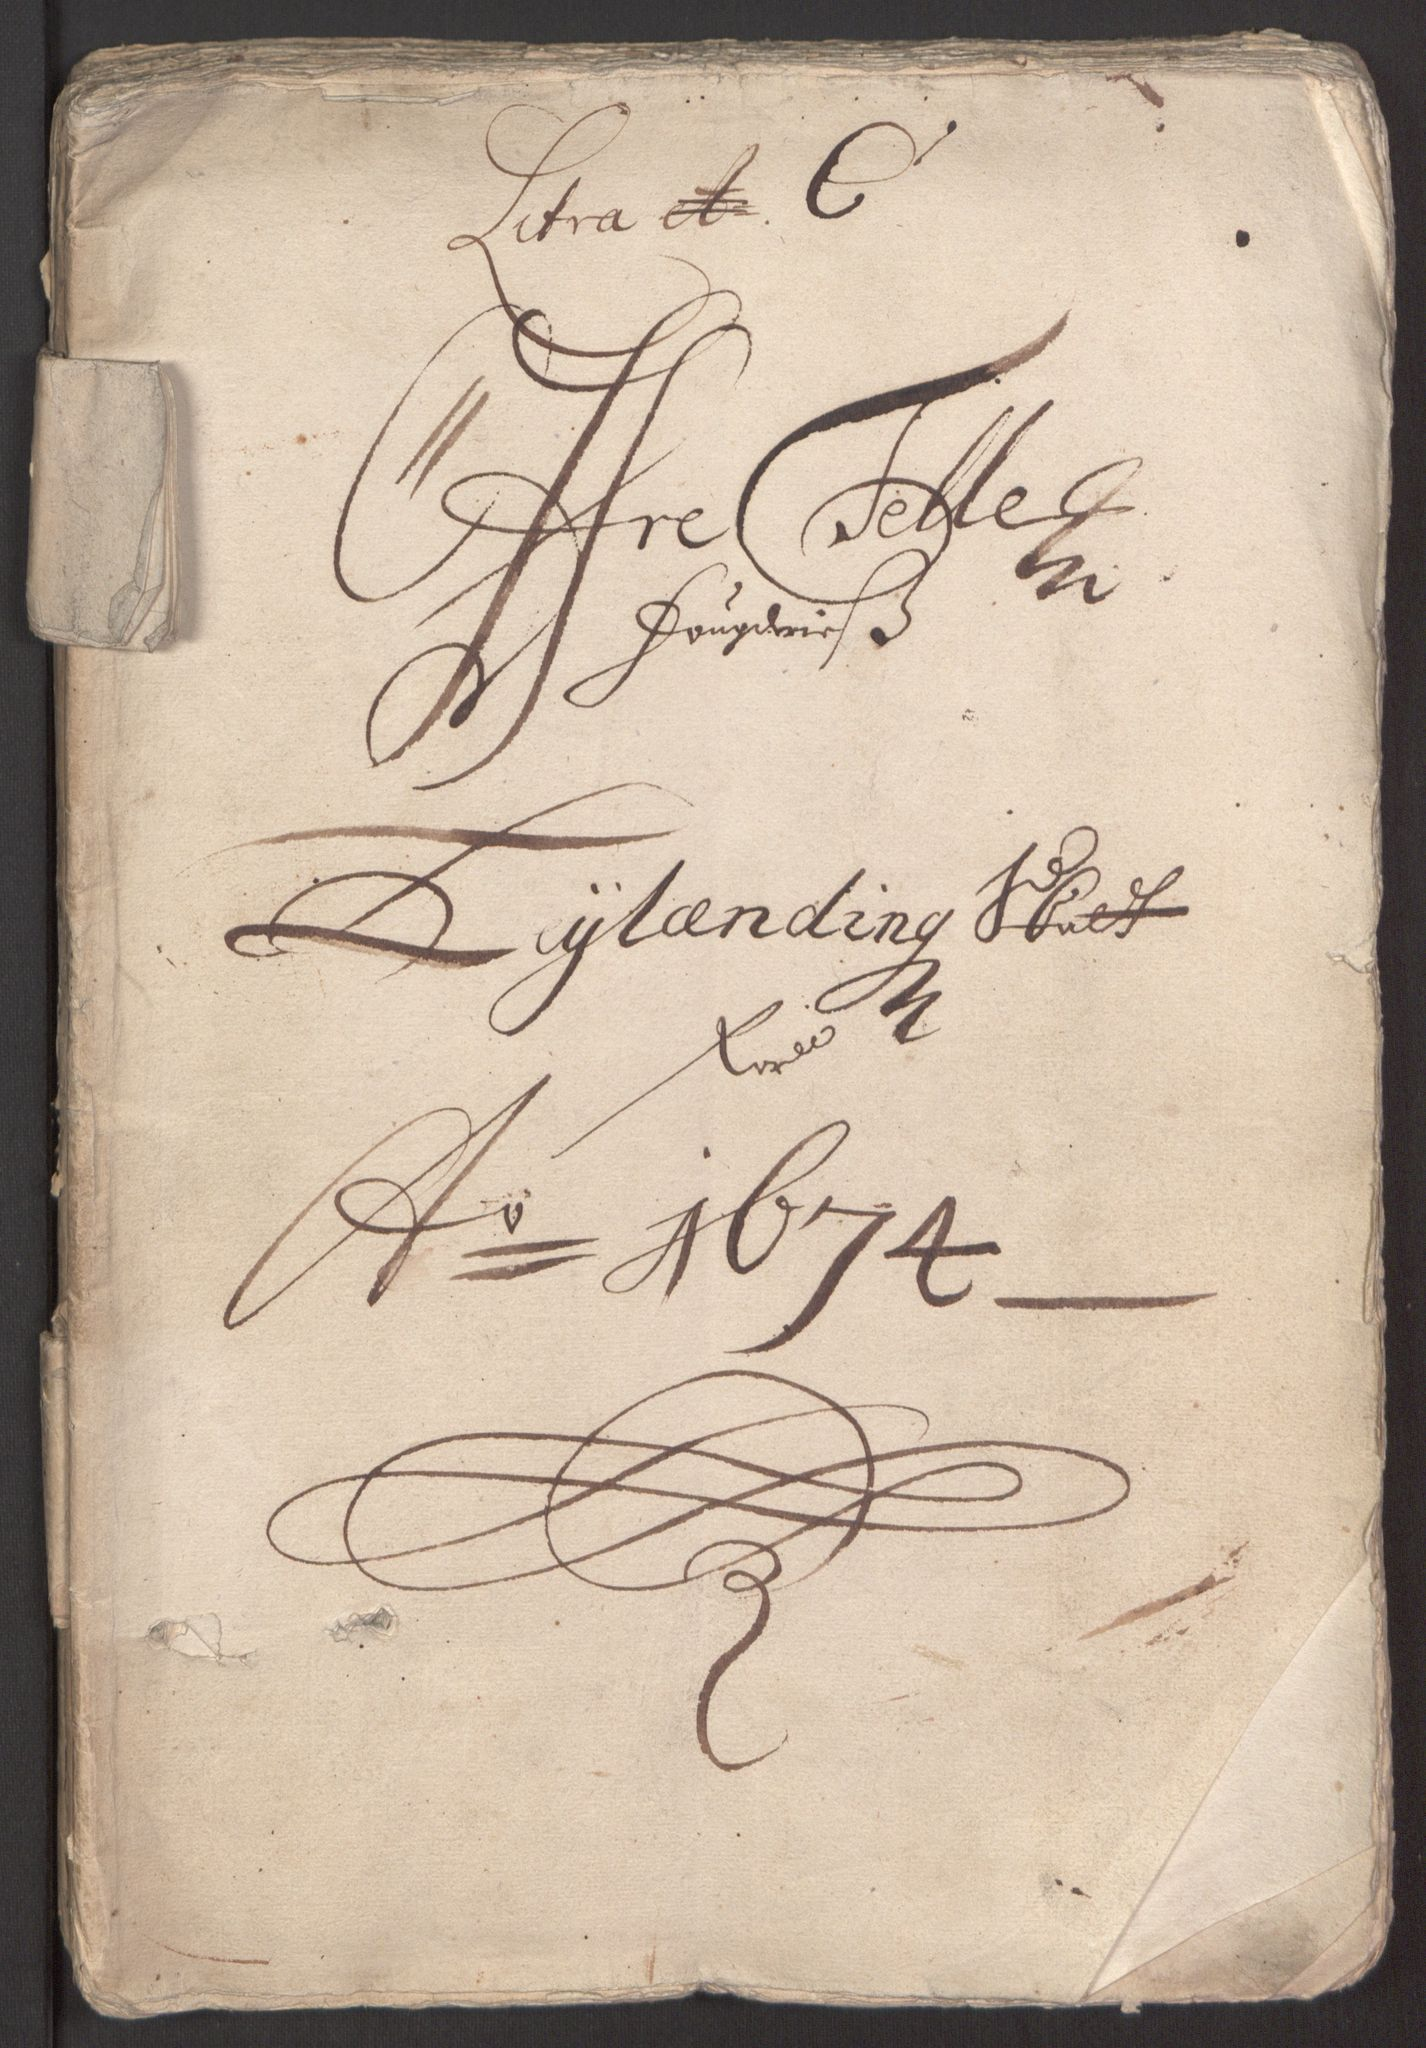 RA, Rentekammeret inntil 1814, Reviderte regnskaper, Fogderegnskap, R35/L2061: Fogderegnskap Øvre og Nedre Telemark, 1673-1674, s. 72